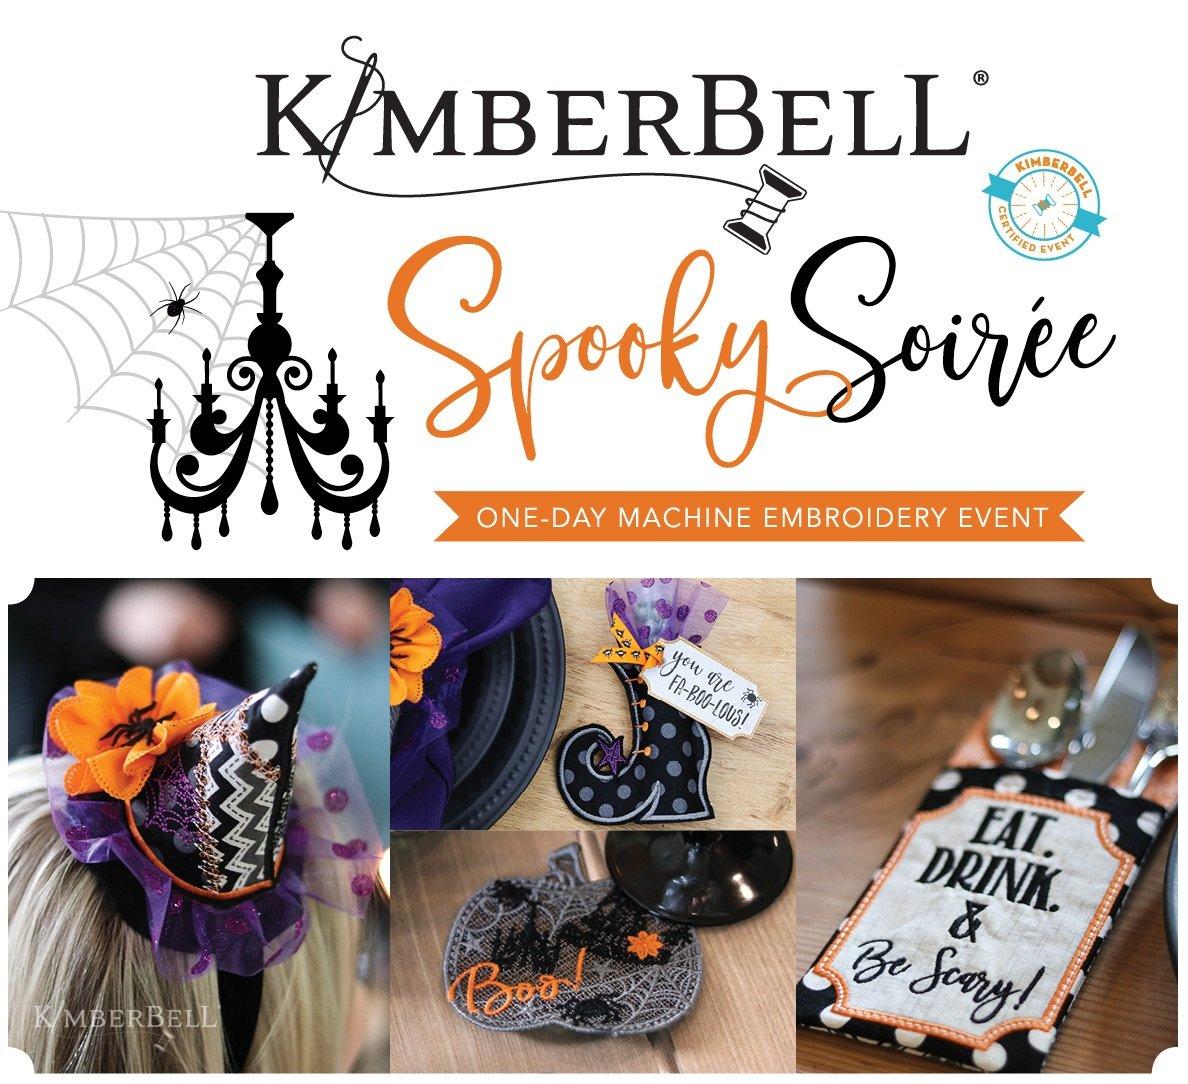 Kimberbell Spooky Soiree